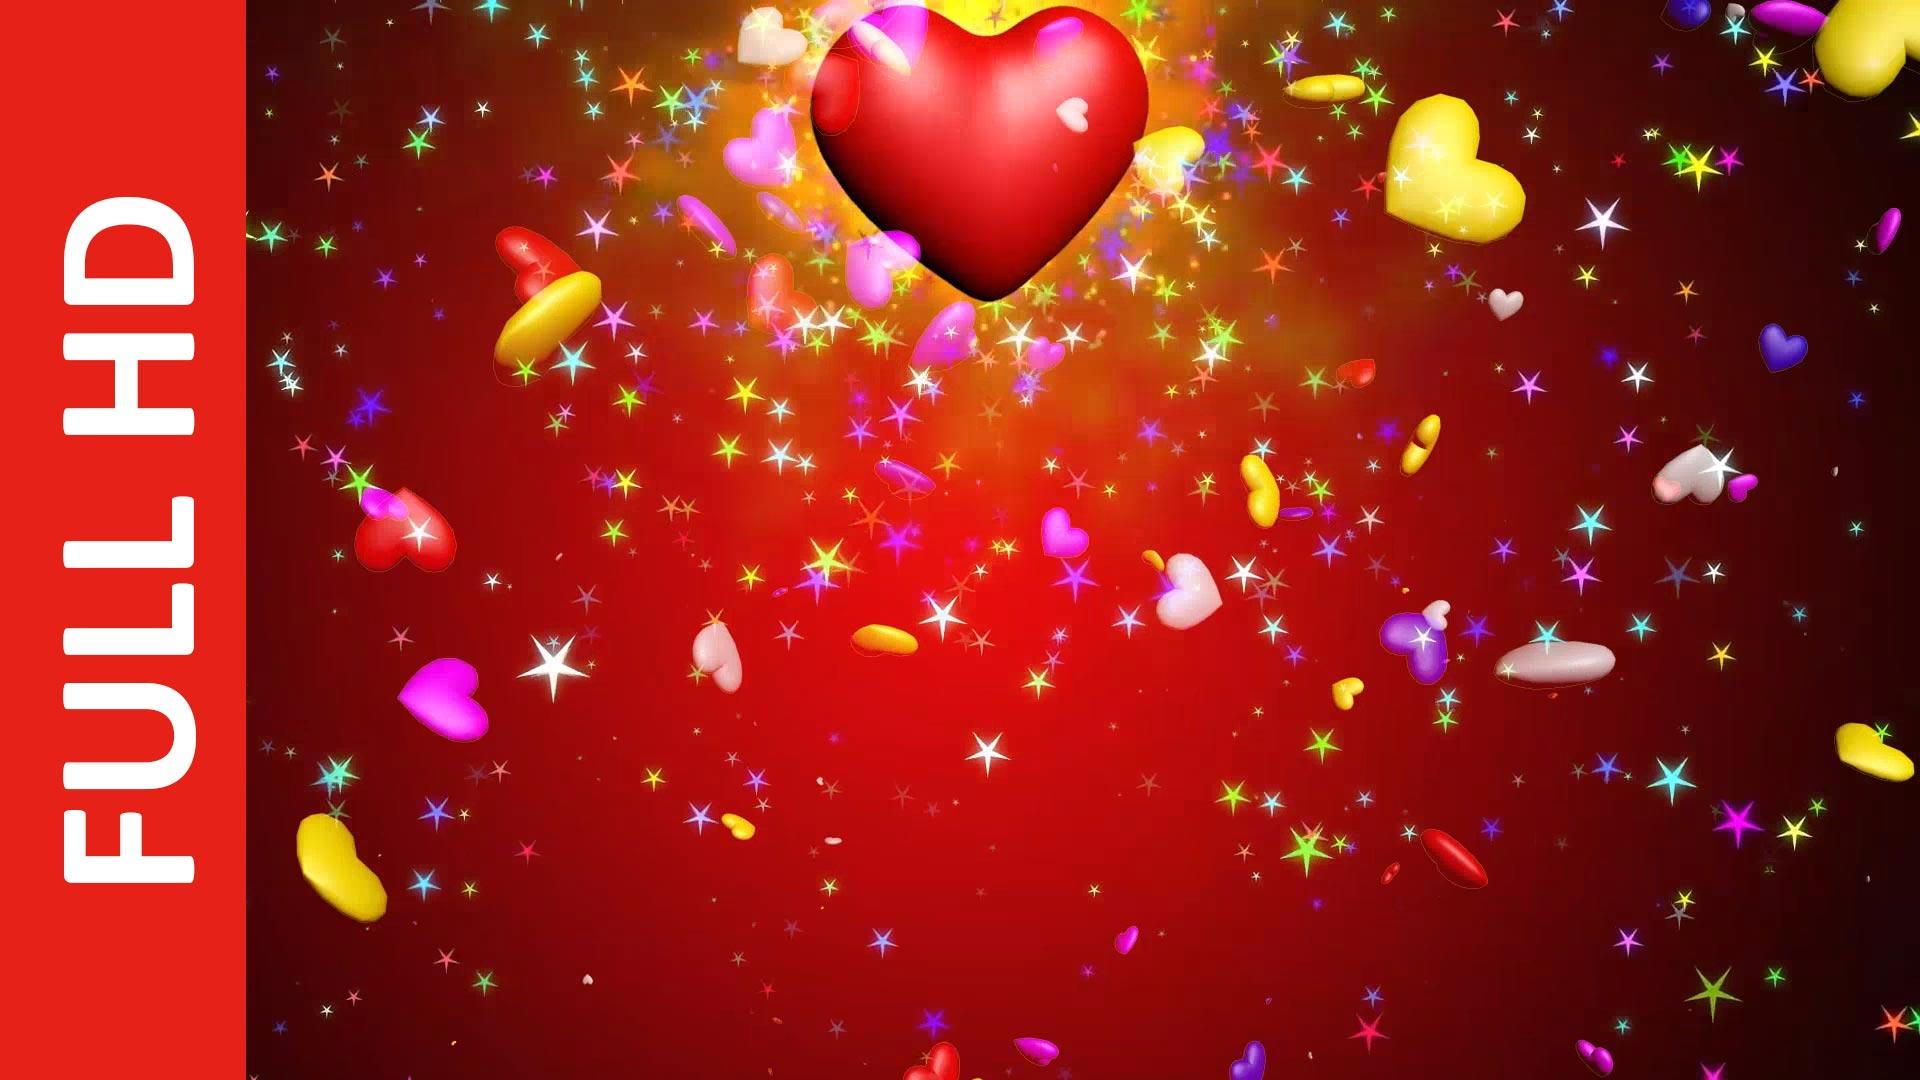 Hintergrundbilder mobile hintergrundbilders hd love free download.